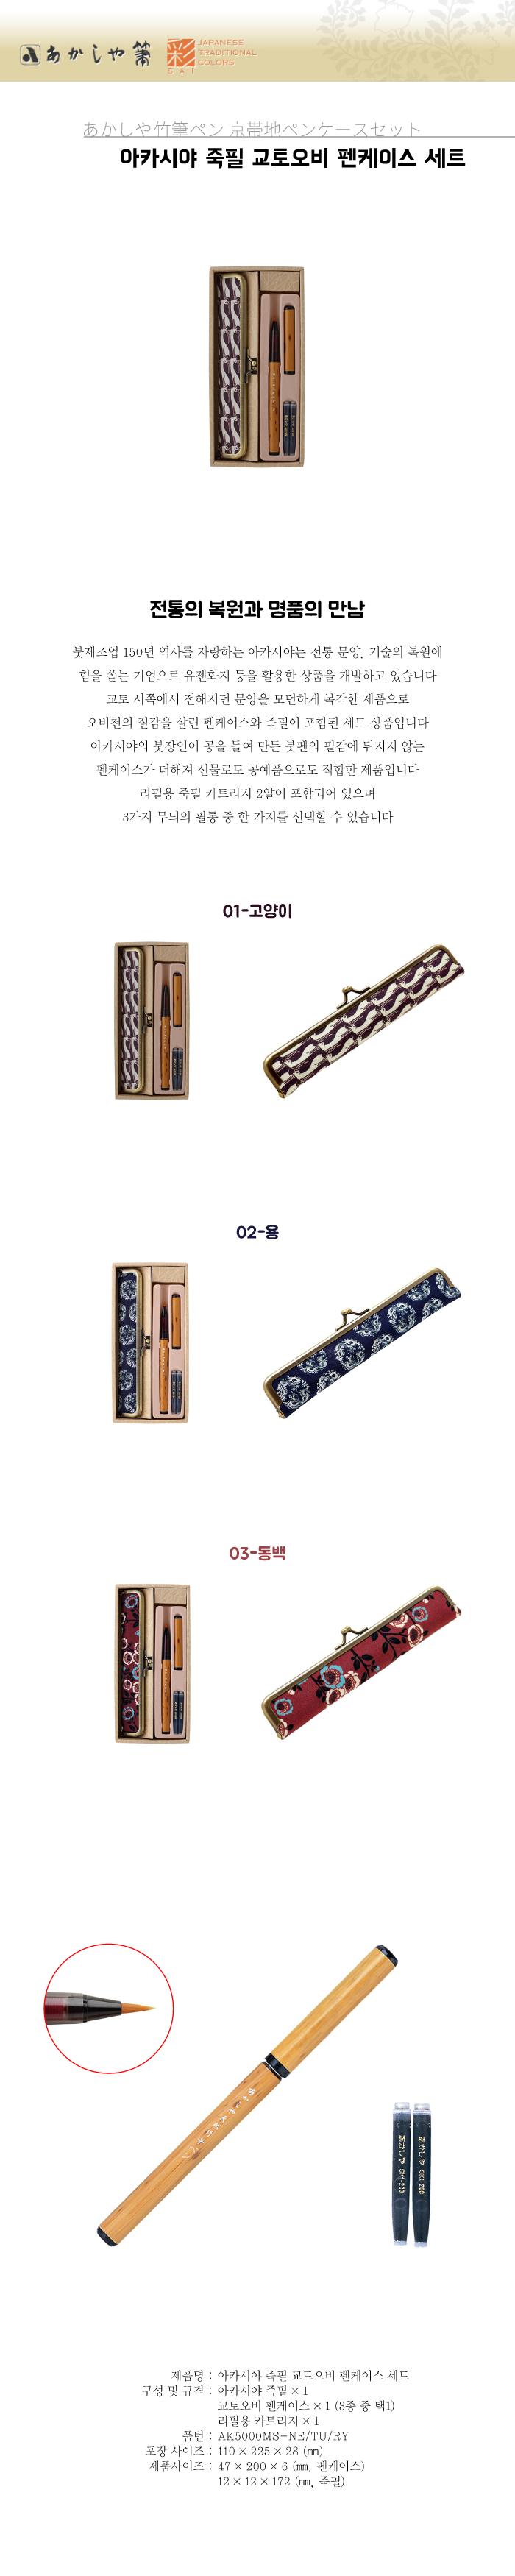 아카시야 죽필 교토오비 펜케이스 세트 - 아카시야, 75,000원, 데코펜, 붓펜